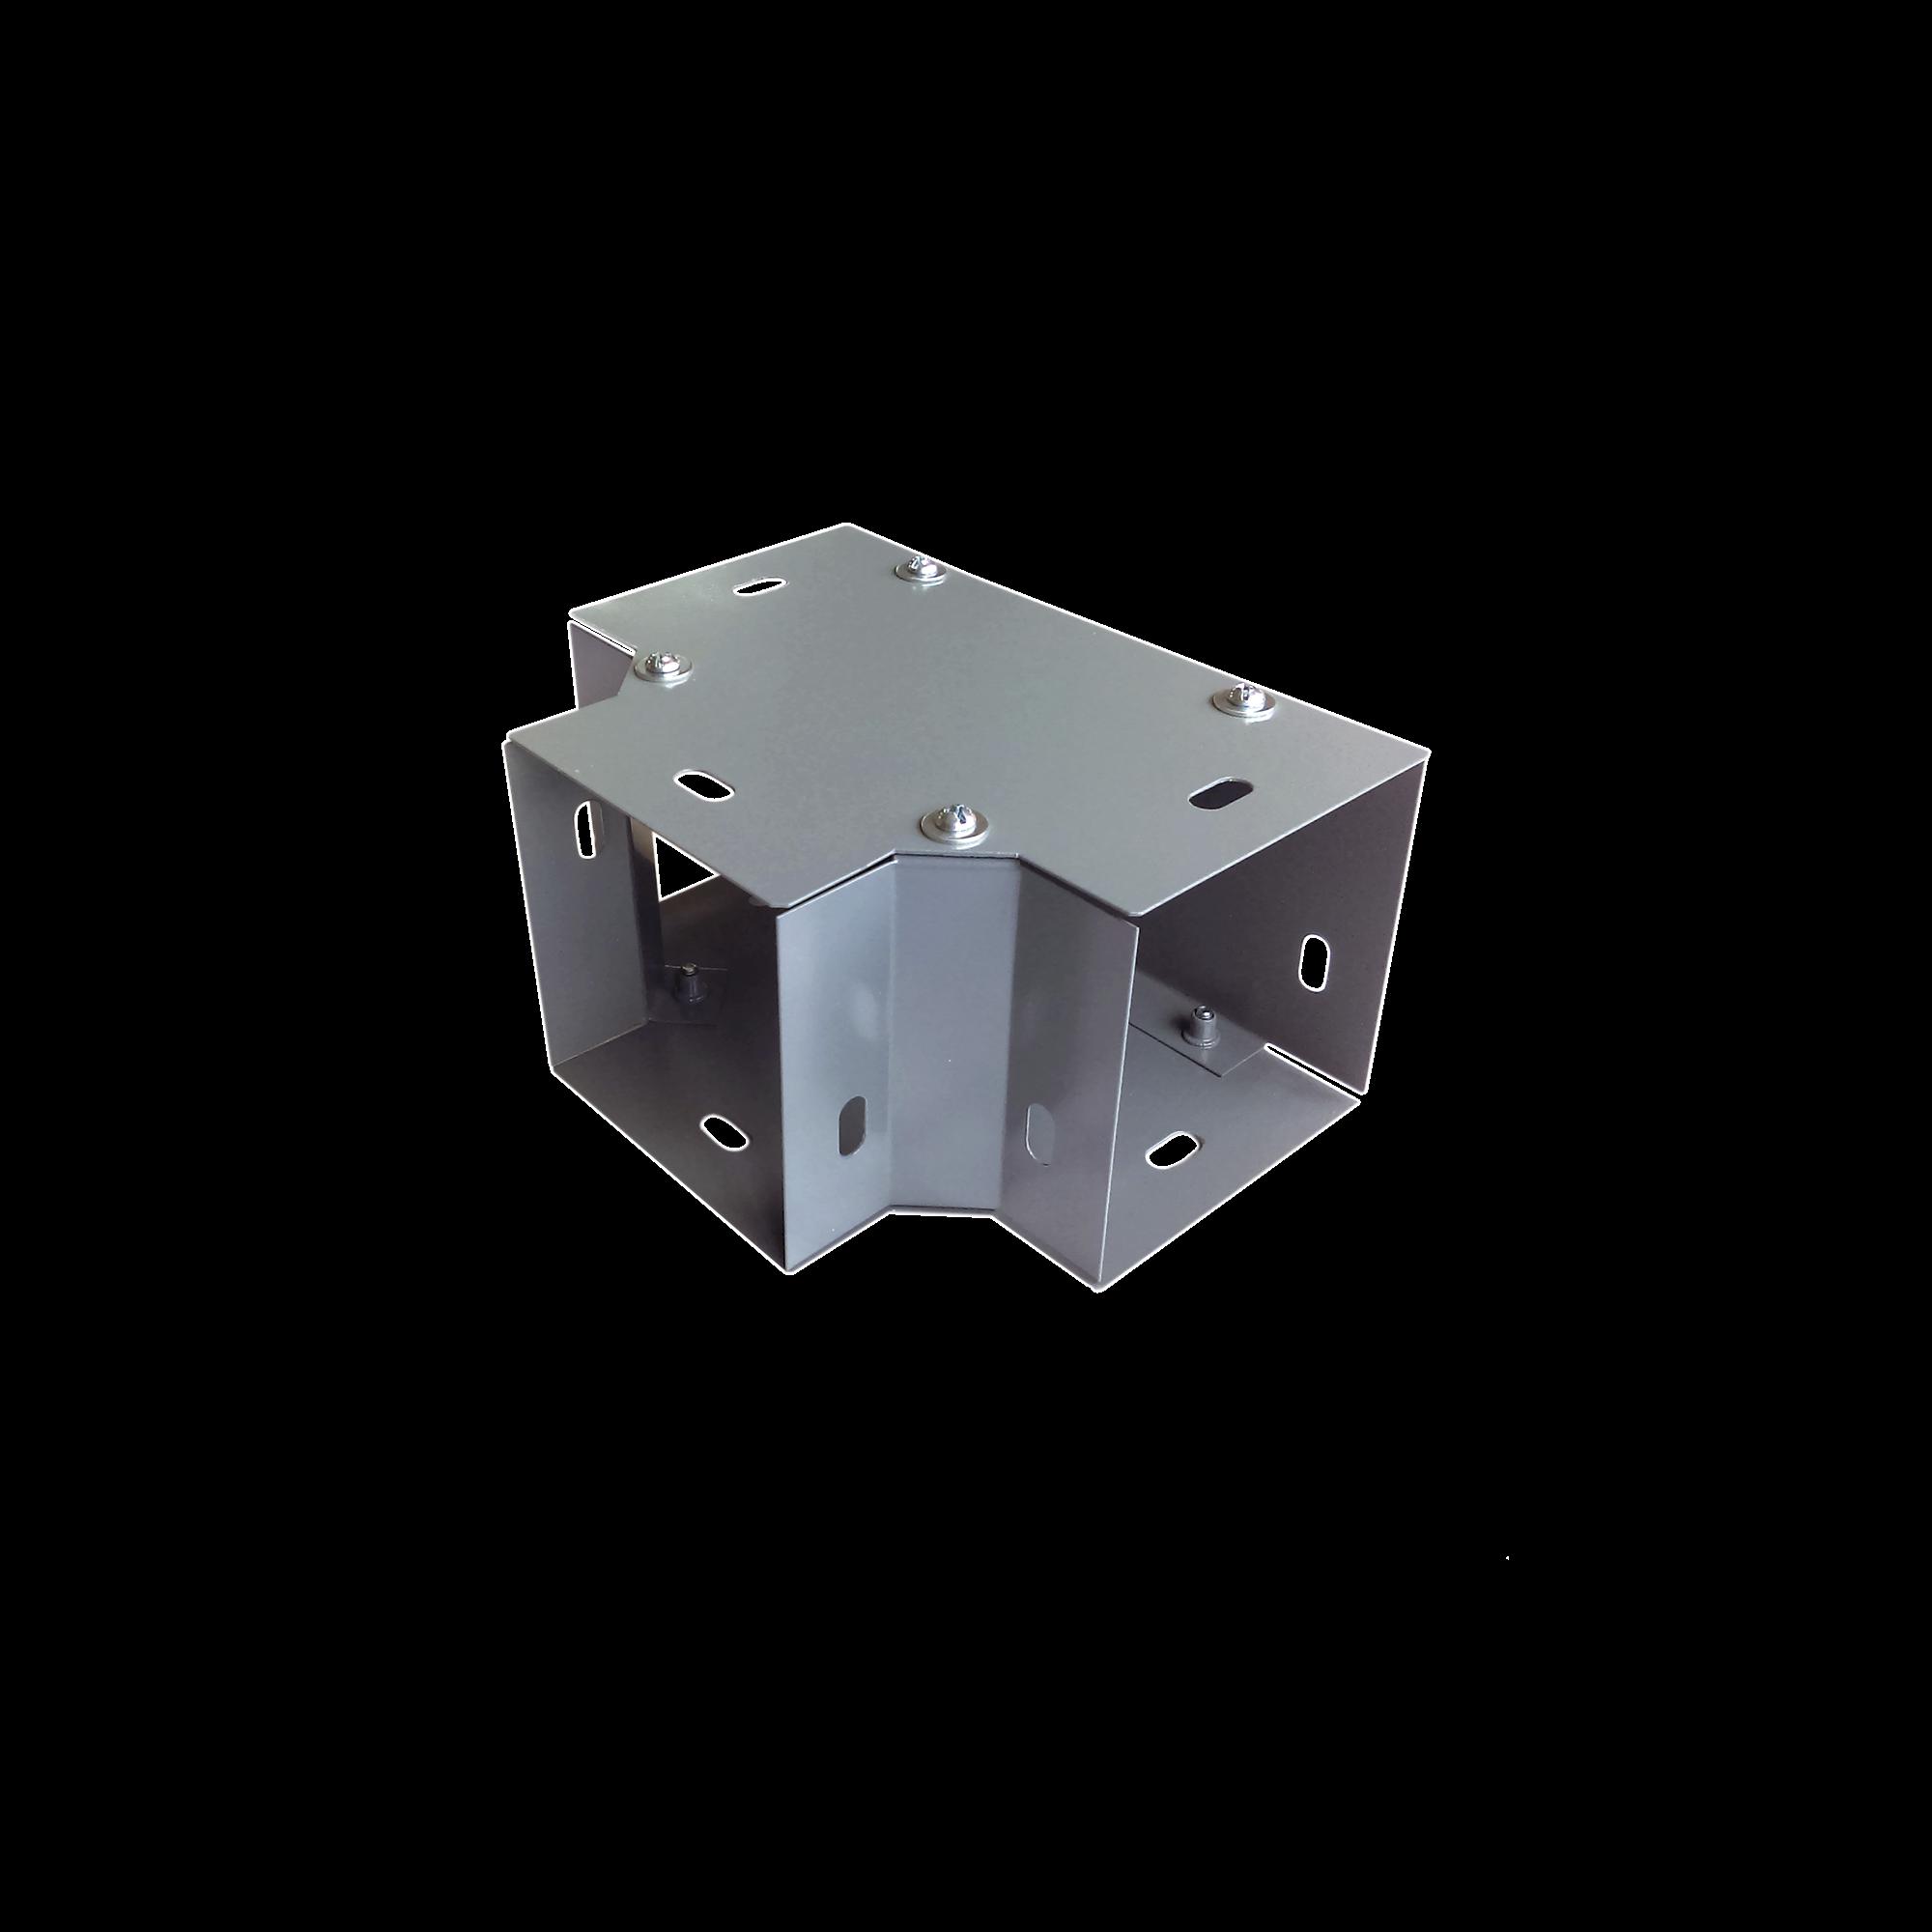 Derivación T horizontal 100 x 100 mm, fabricado en lámina de acero al carbón